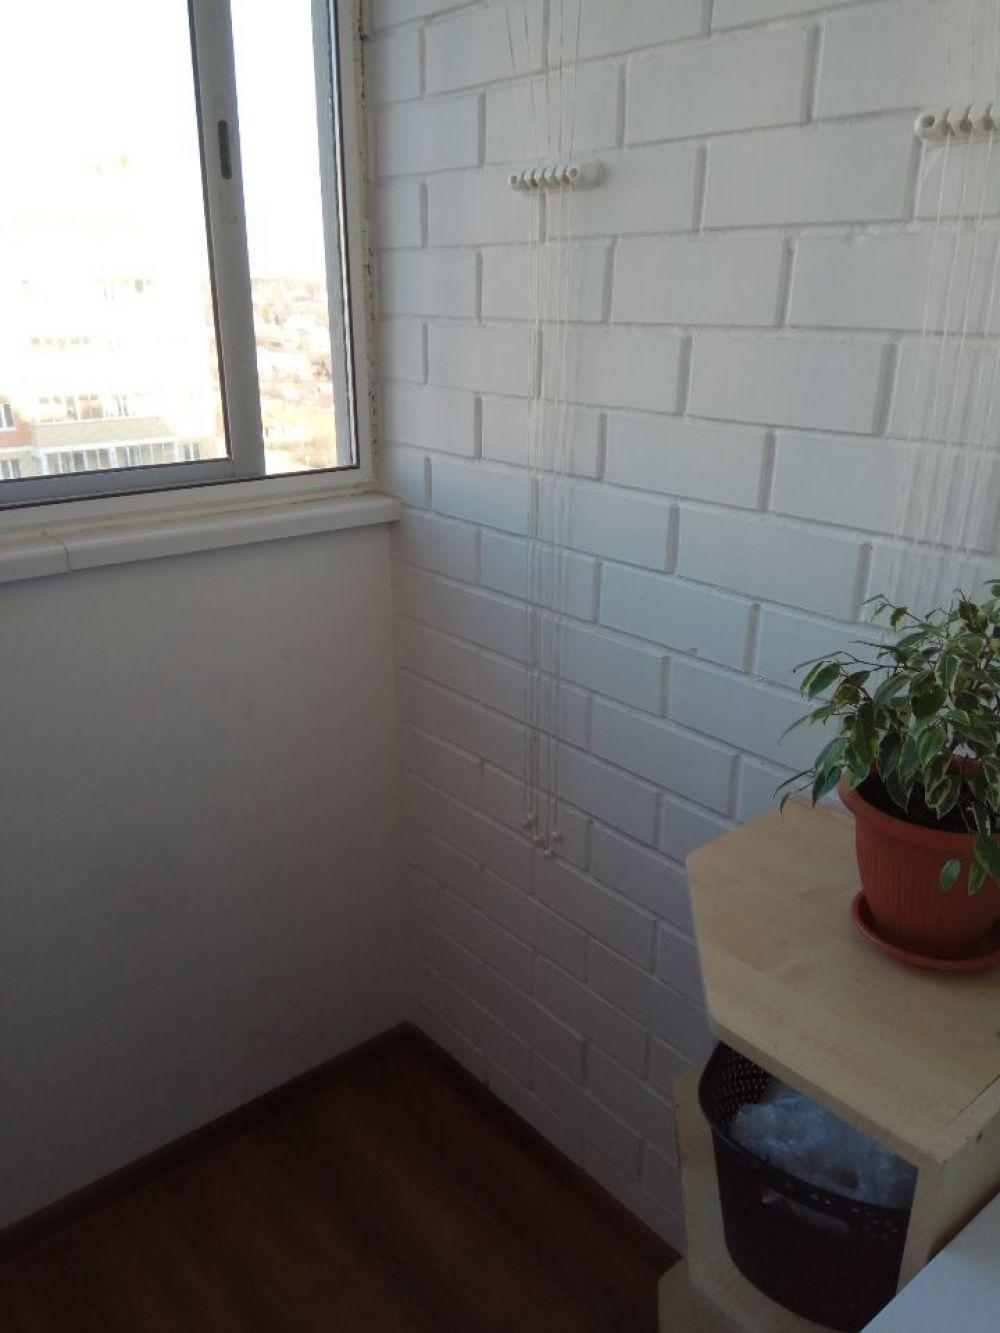 Двухкомнатная квартира, 53 м2, Богородский д.1, г. Щелково, фото 1